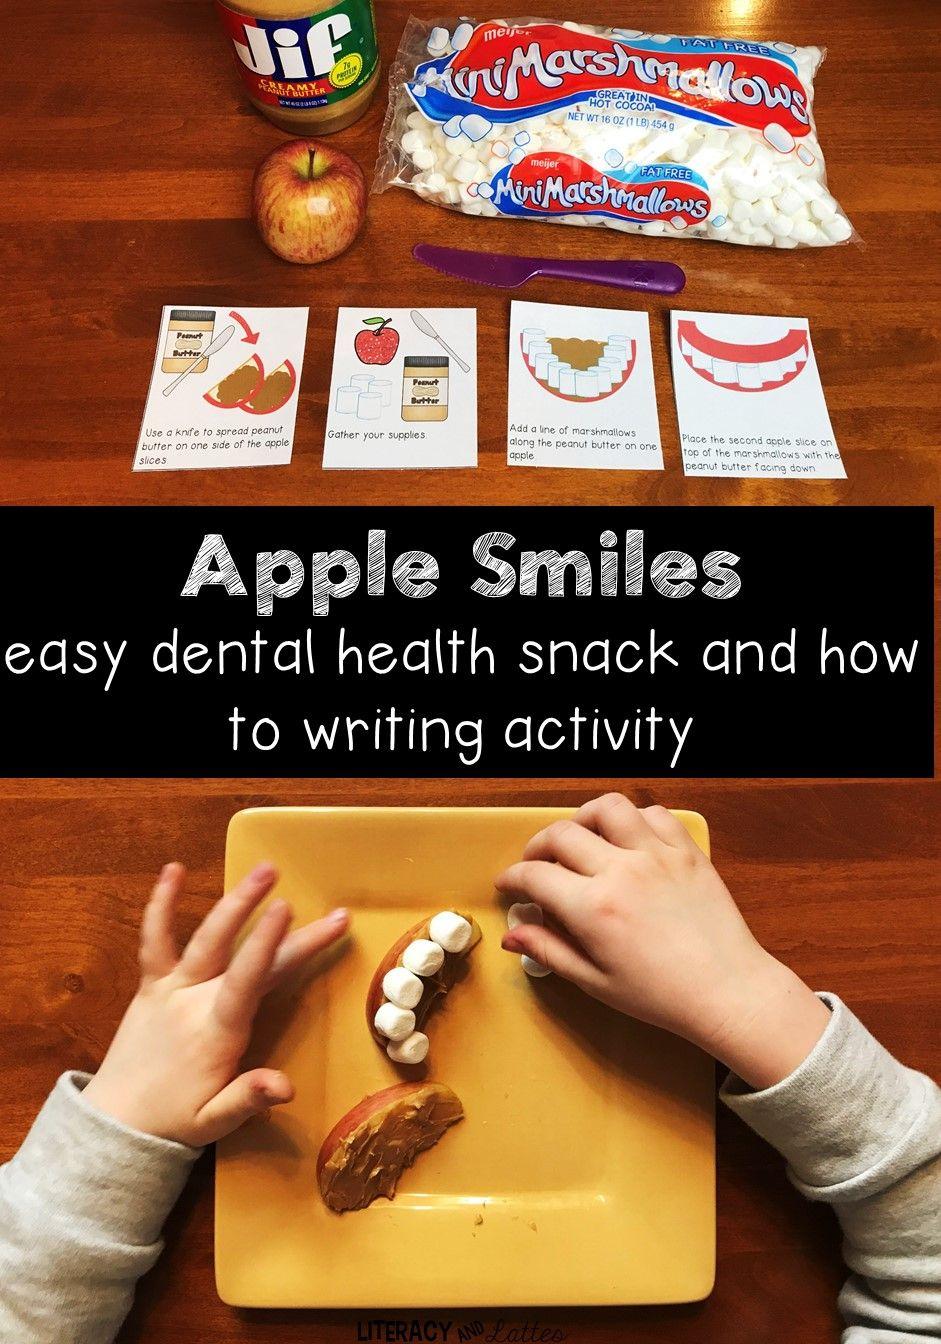 Easy Dental Health Snack: Apple lächelt! Kochen im Klassenzimmer und wie man schreibt …   – Classroom